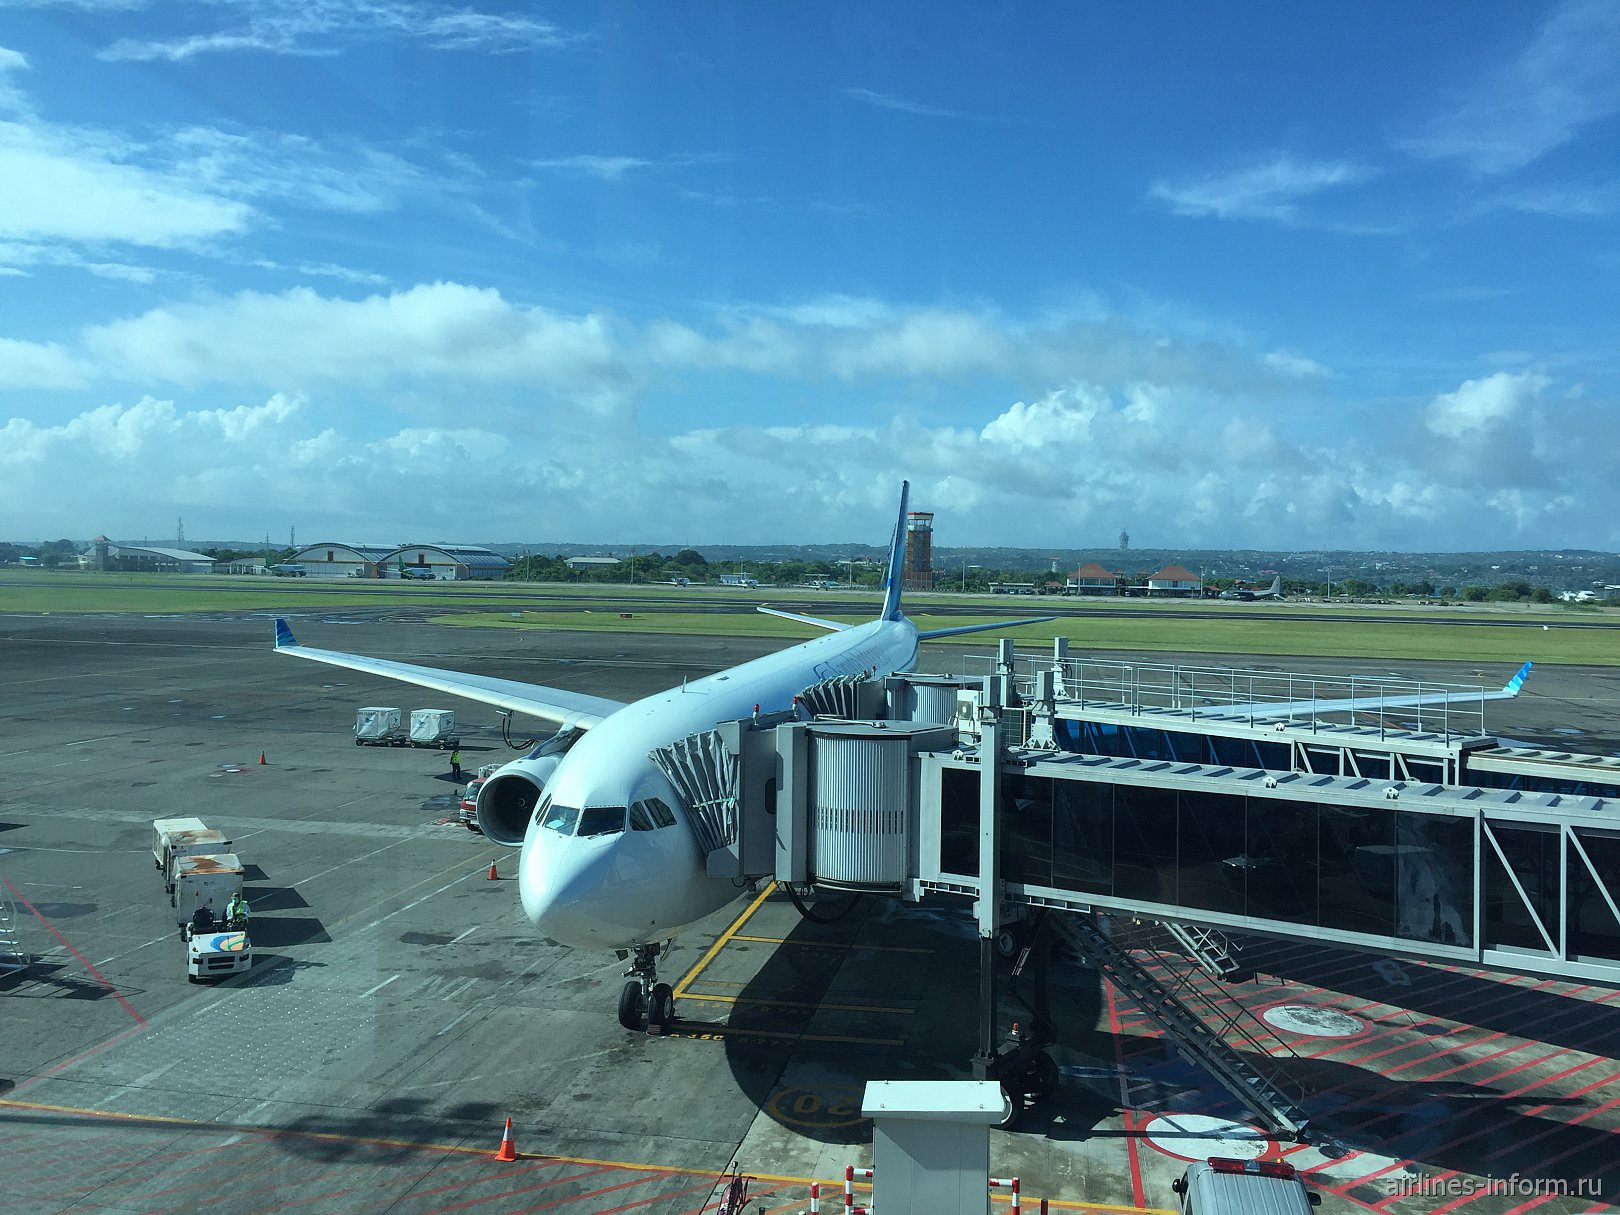 Денпасар - Гонконг  Garuda Indonesia  A330-300